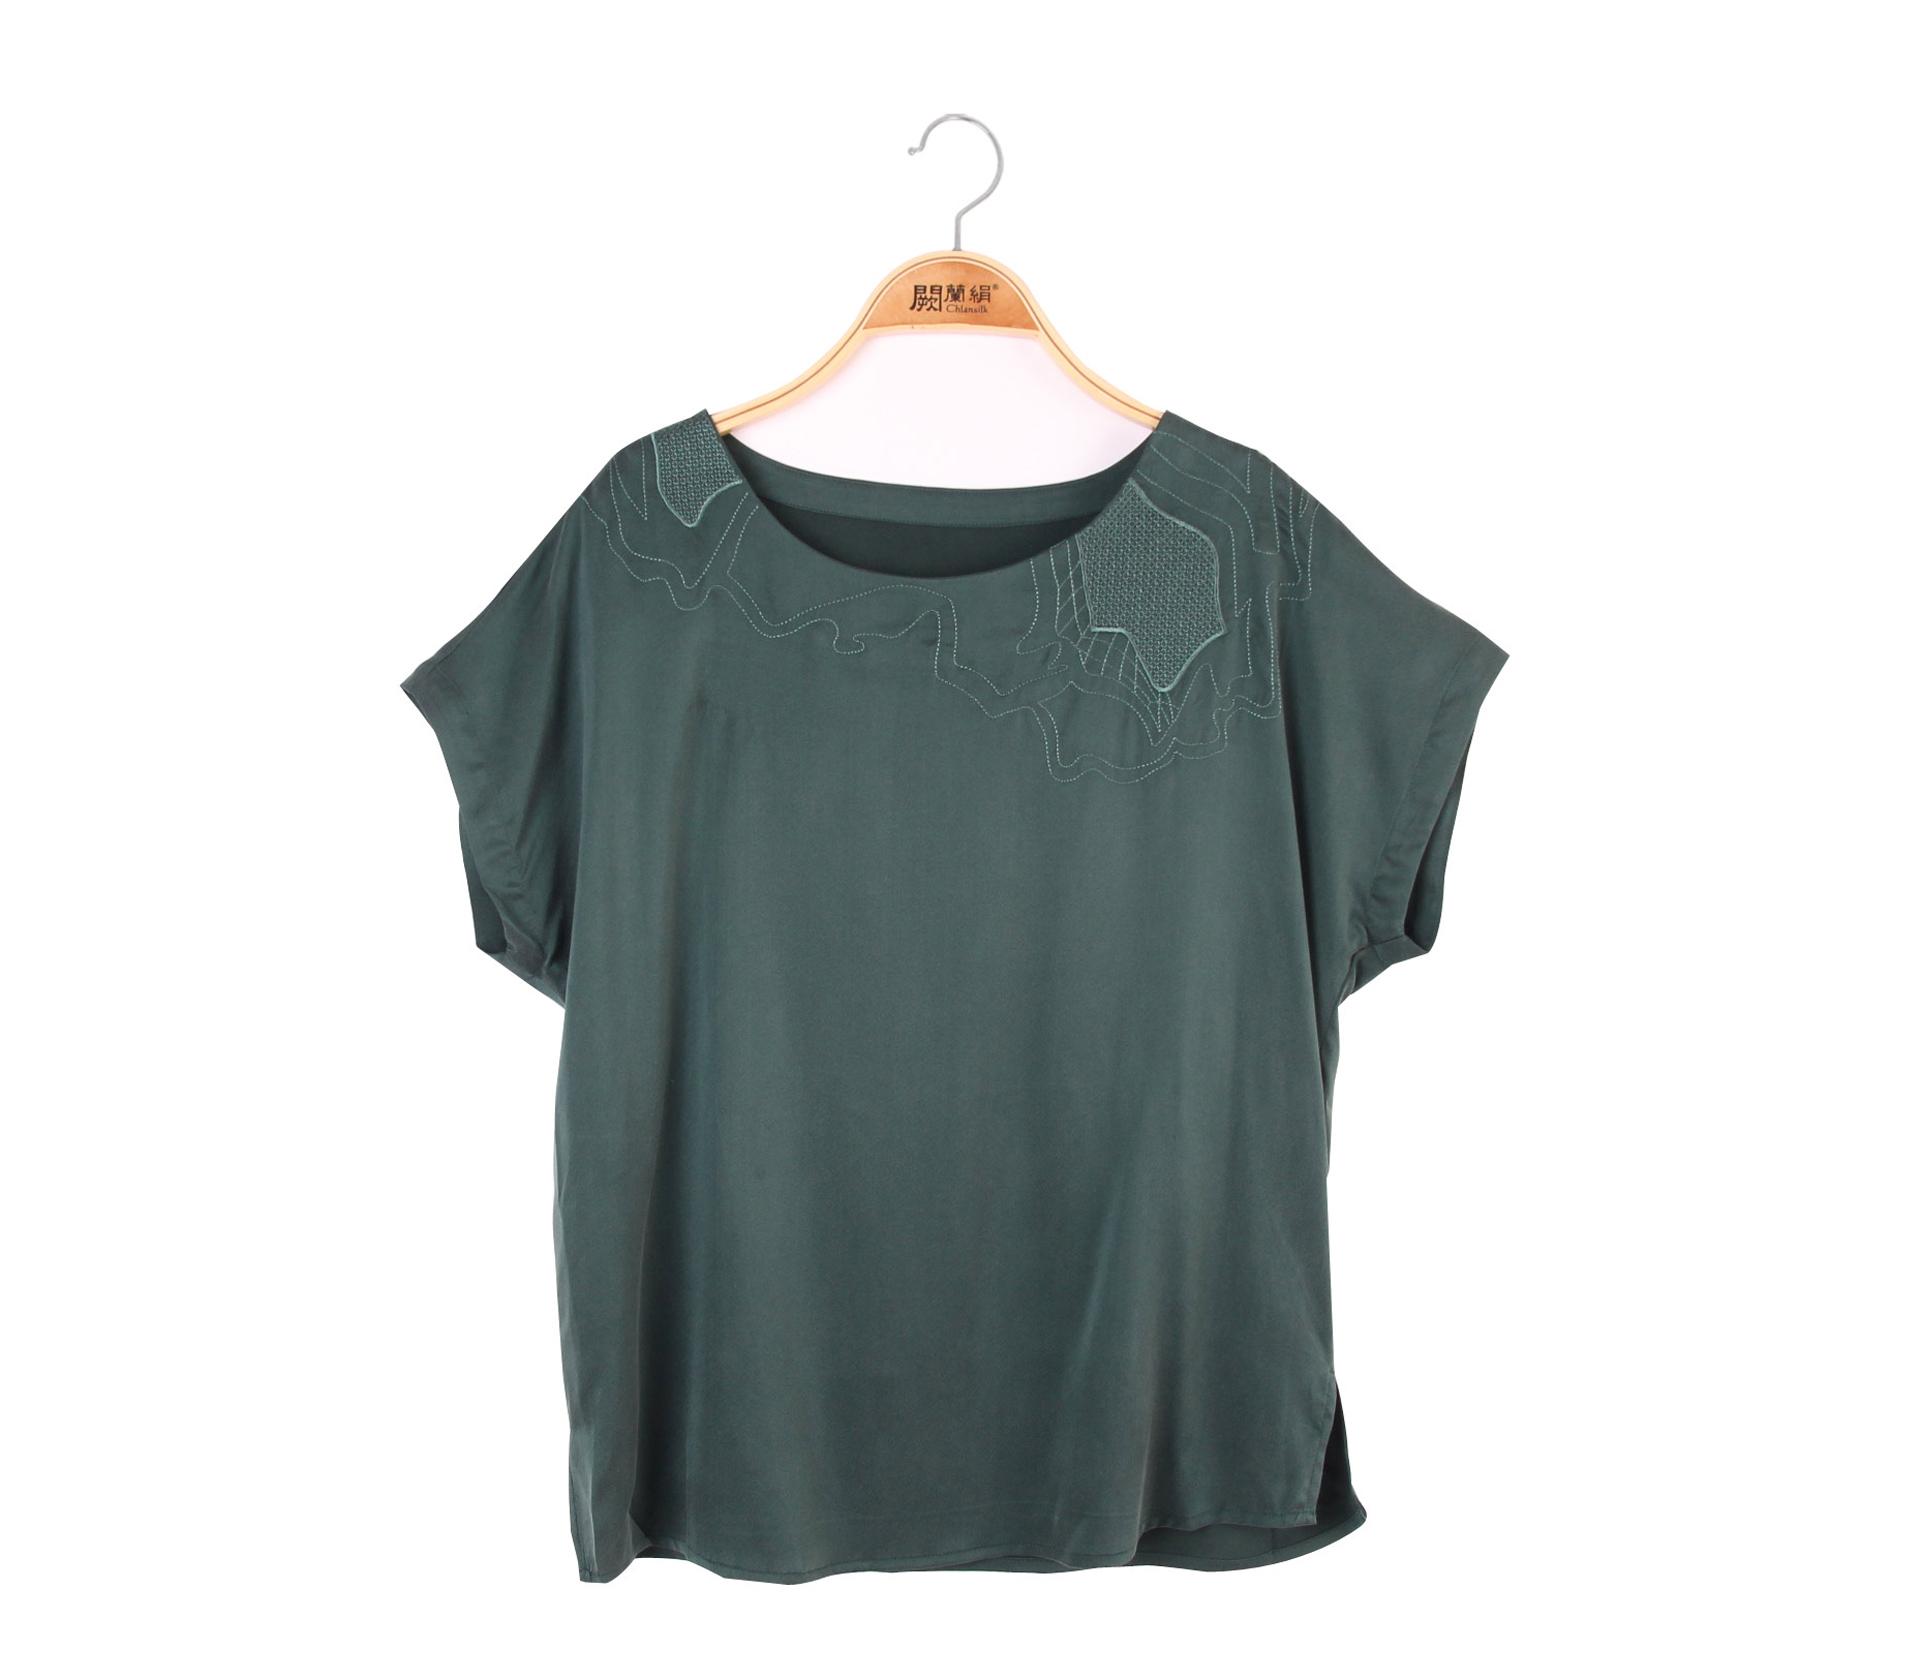 闕蘭絹極簡風蠶絲上衣 – 綠 -6417